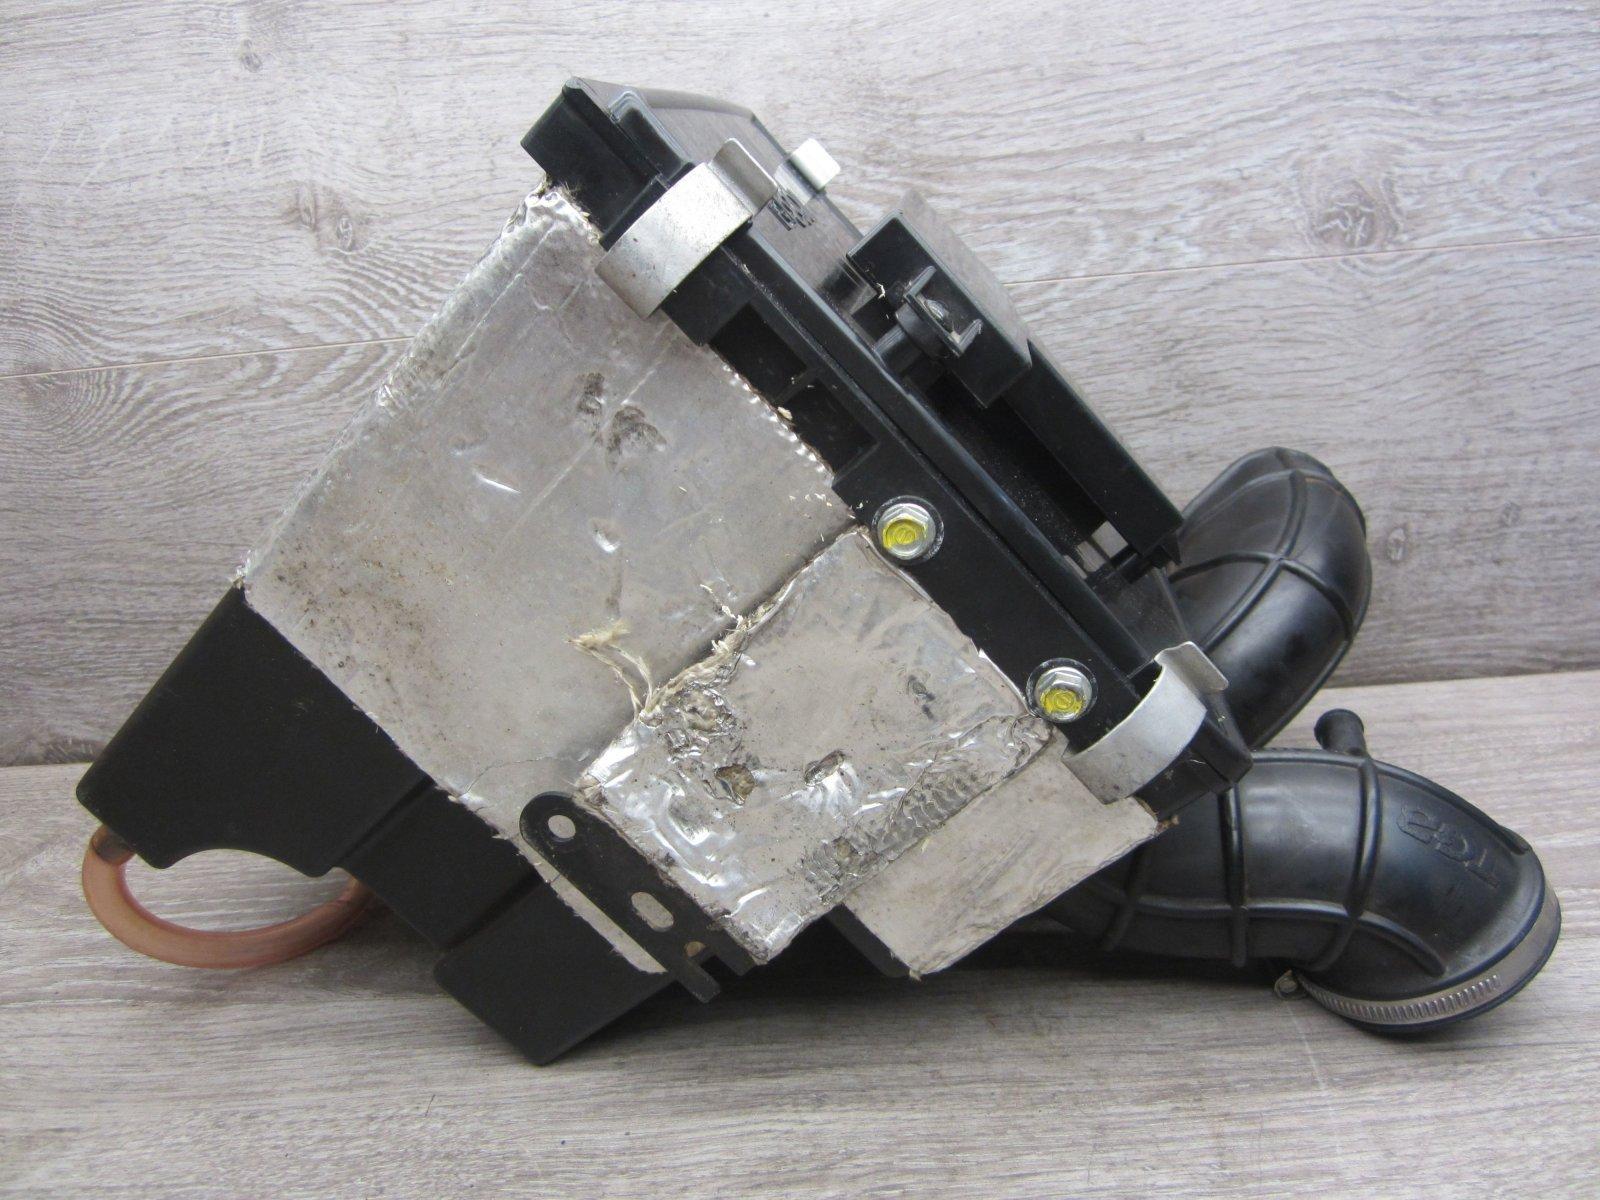 quad atv tgb target gunner blade 500 525 550 air filter. Black Bedroom Furniture Sets. Home Design Ideas